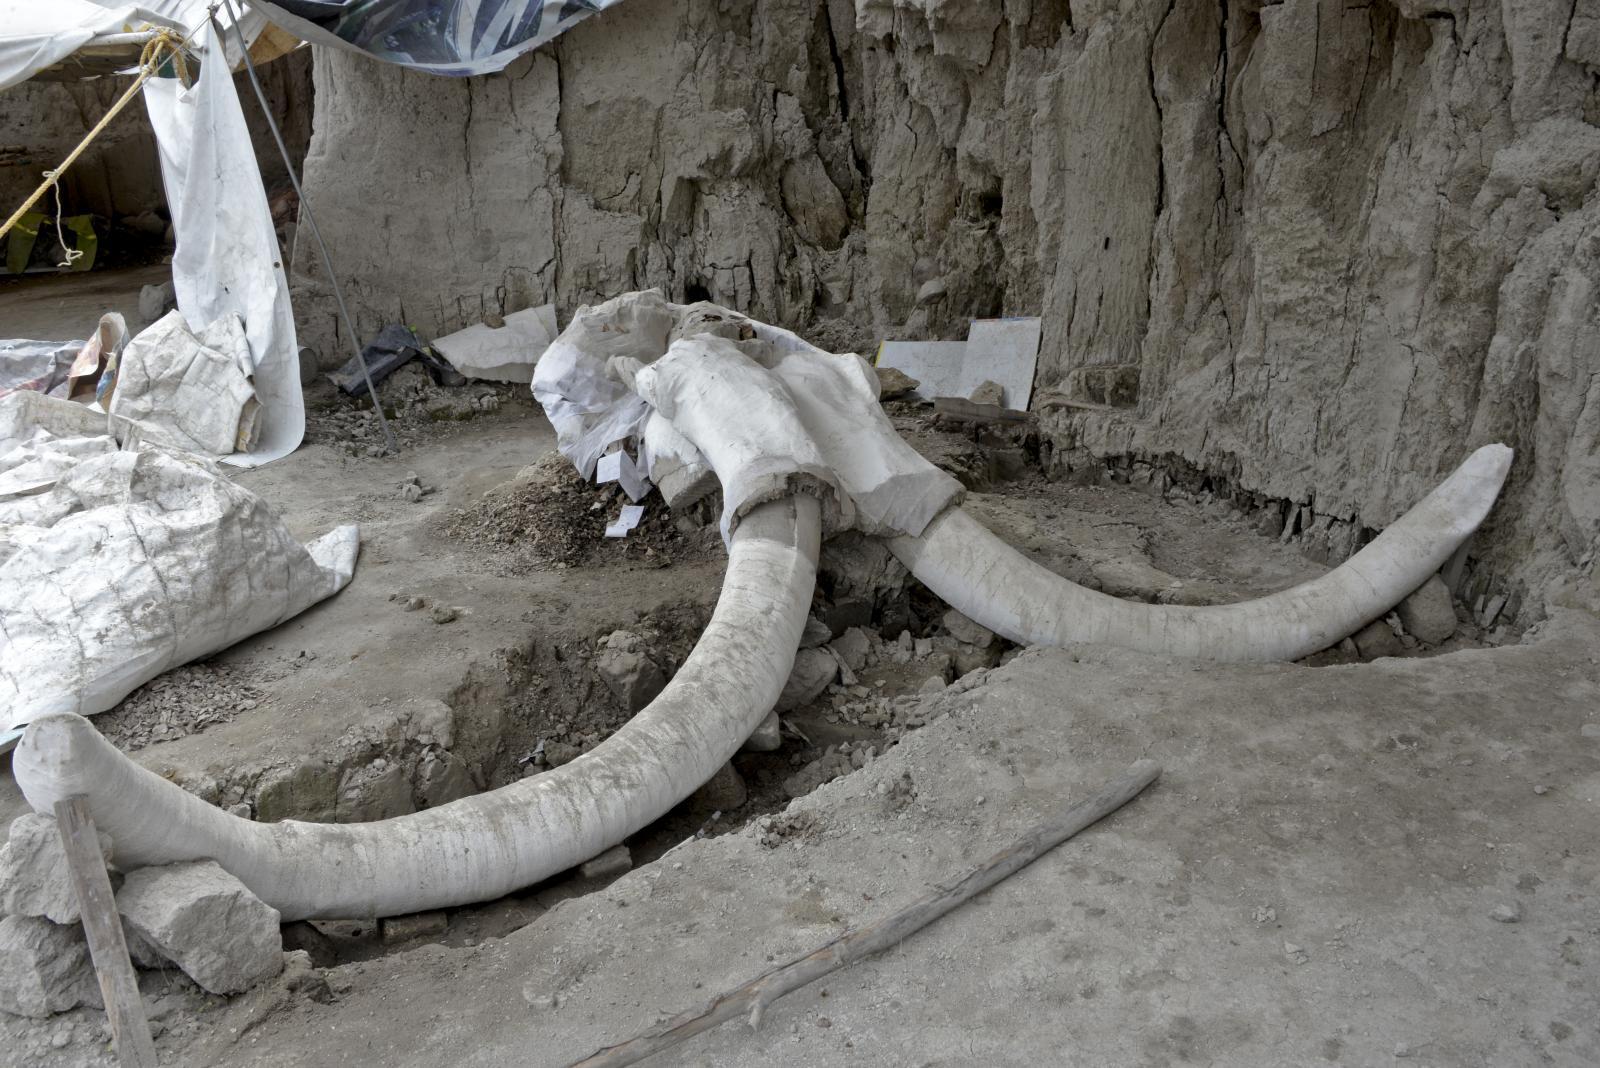 """พบโครงกระดูก """"ช้างแมมมอธ"""" 14 ตัว มากสุดในเม็กซิโก คาดโดนกับดักมนุษย์โบราณ"""